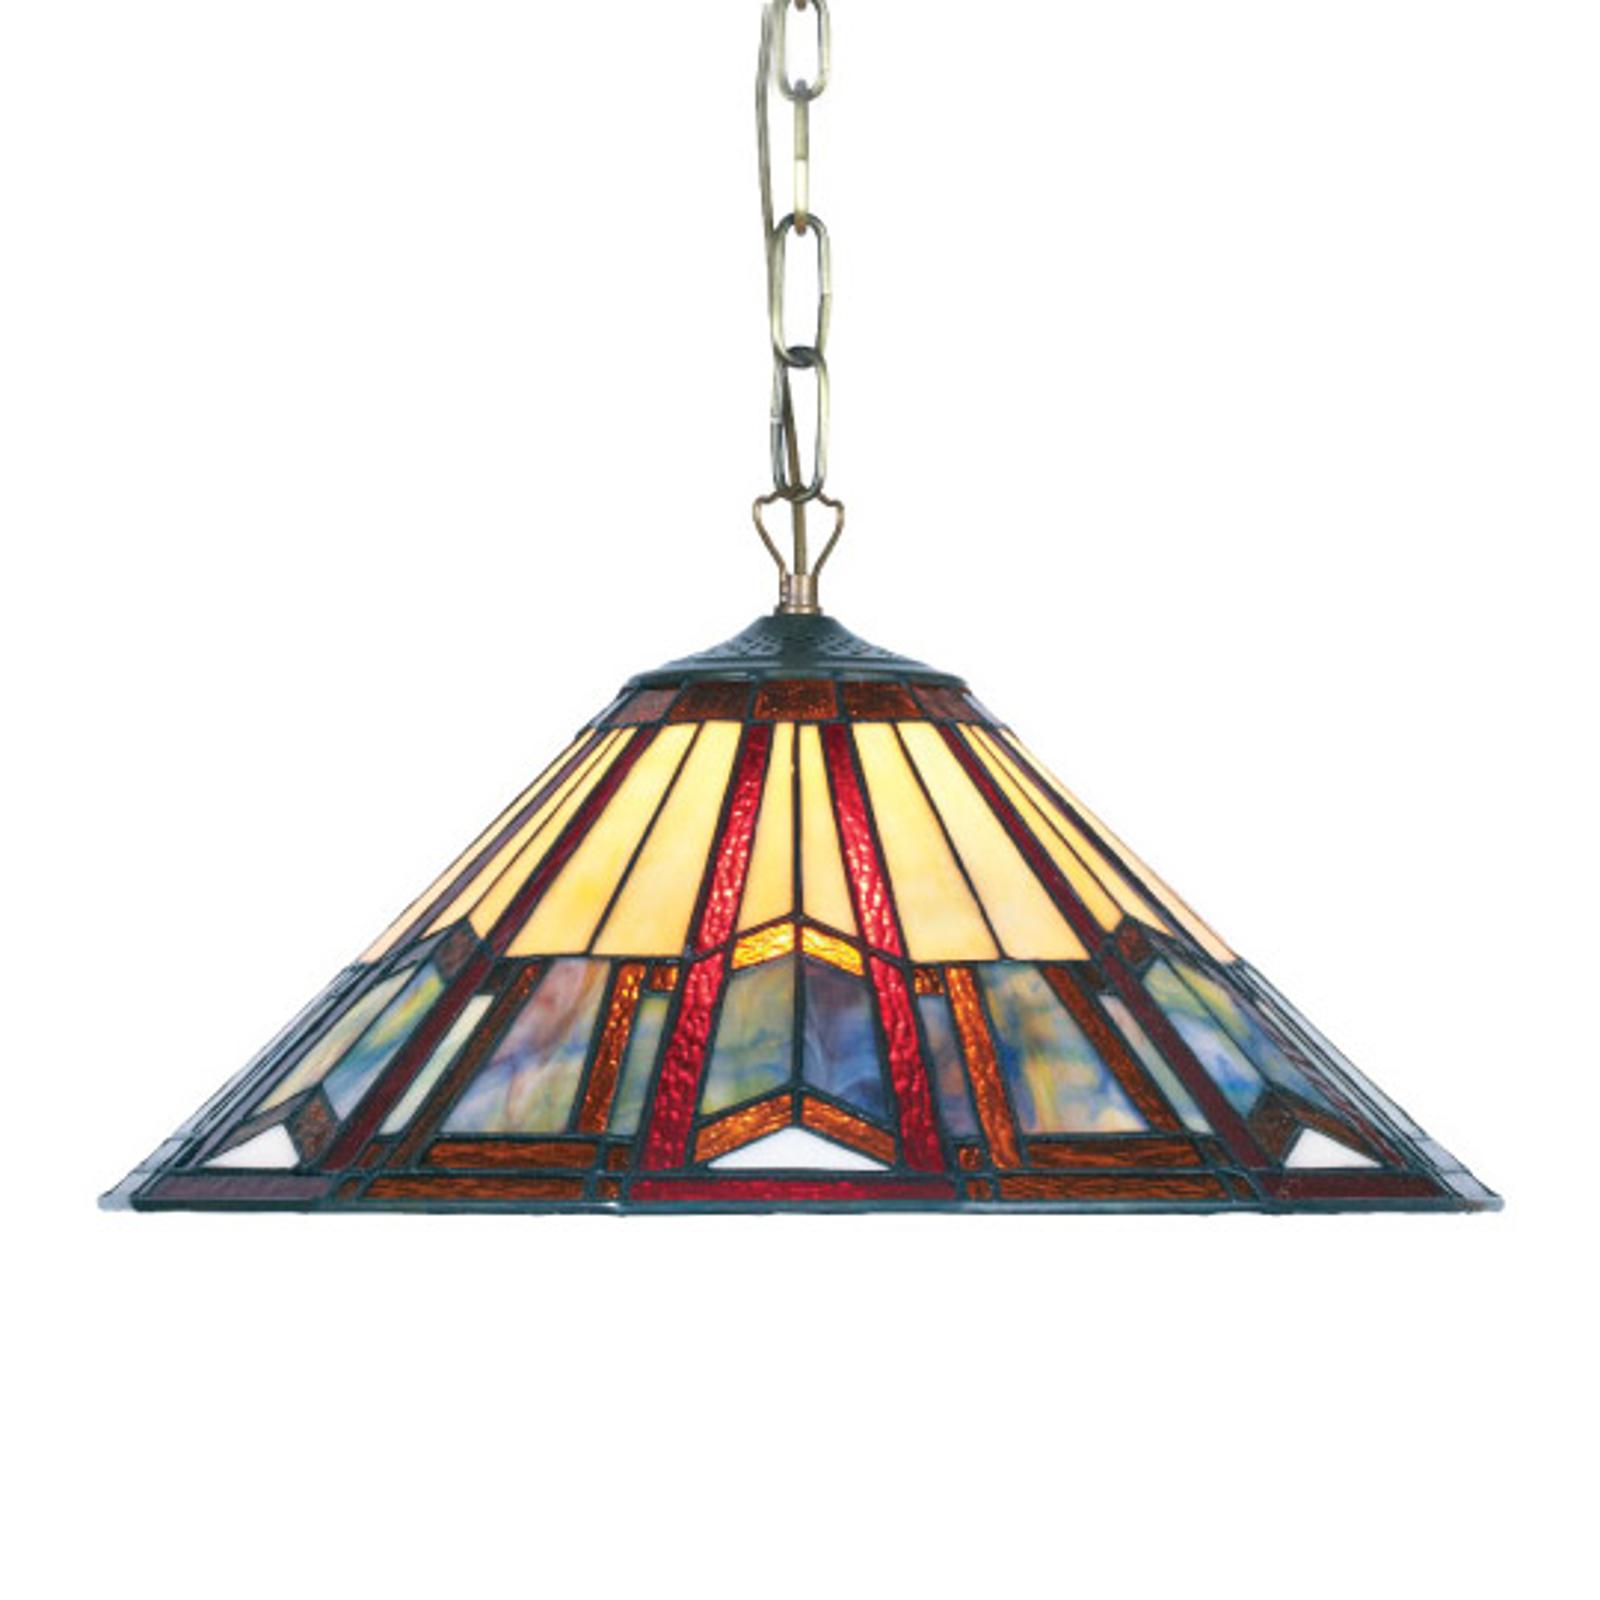 Závesná lampa Lillie štýl Tiffany 2 x E27_1032130_1